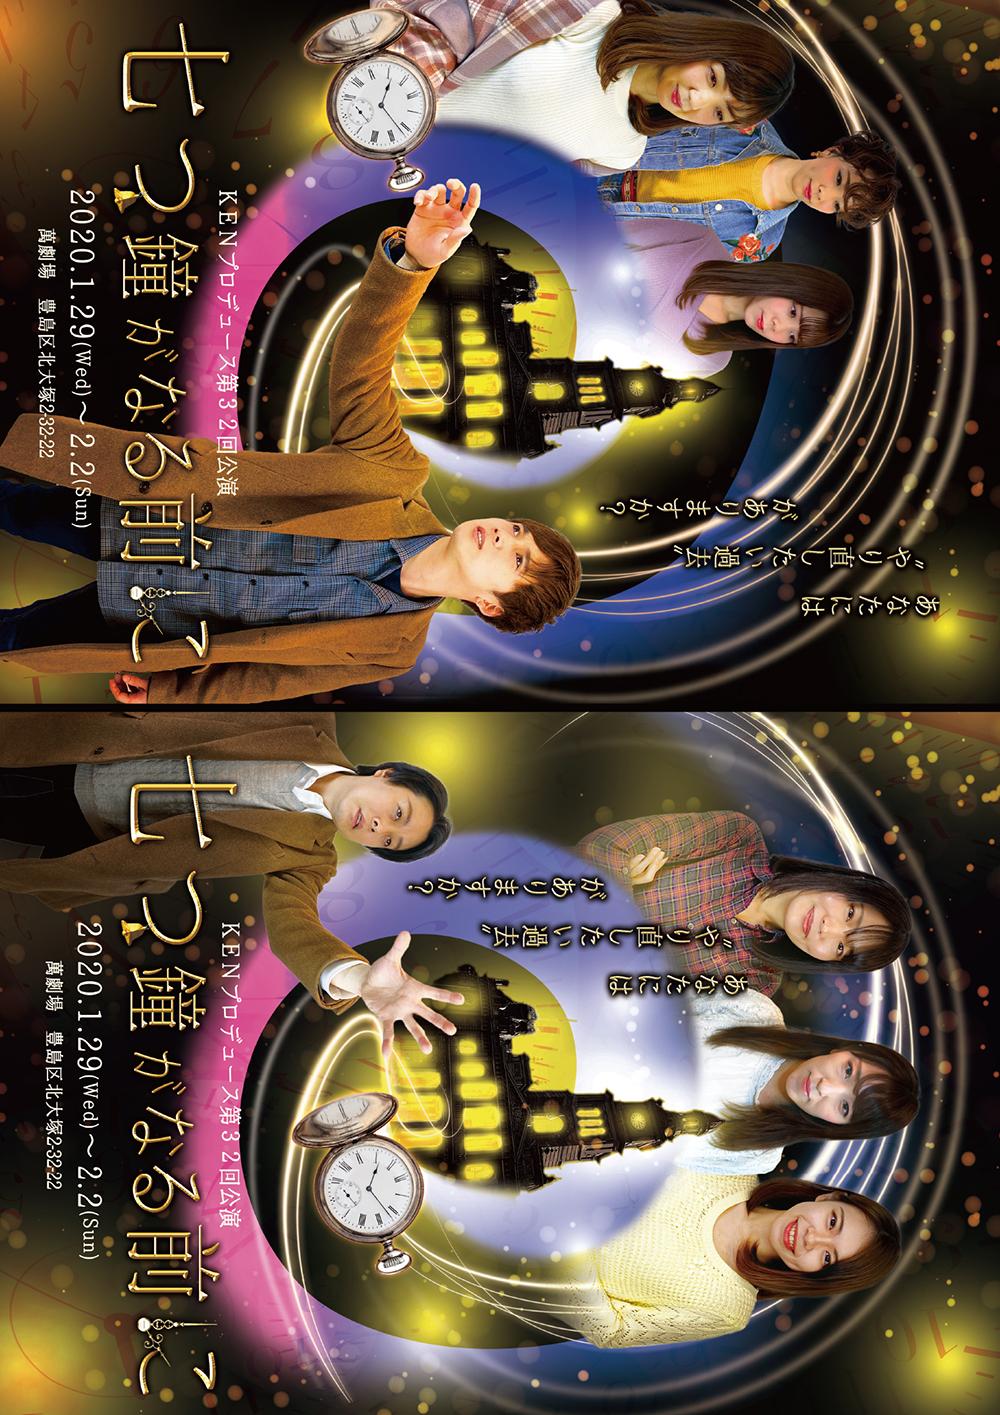 KENプロデュース第32回公演『七つ鐘が鳴る前に』 2チーム同梱 DVD